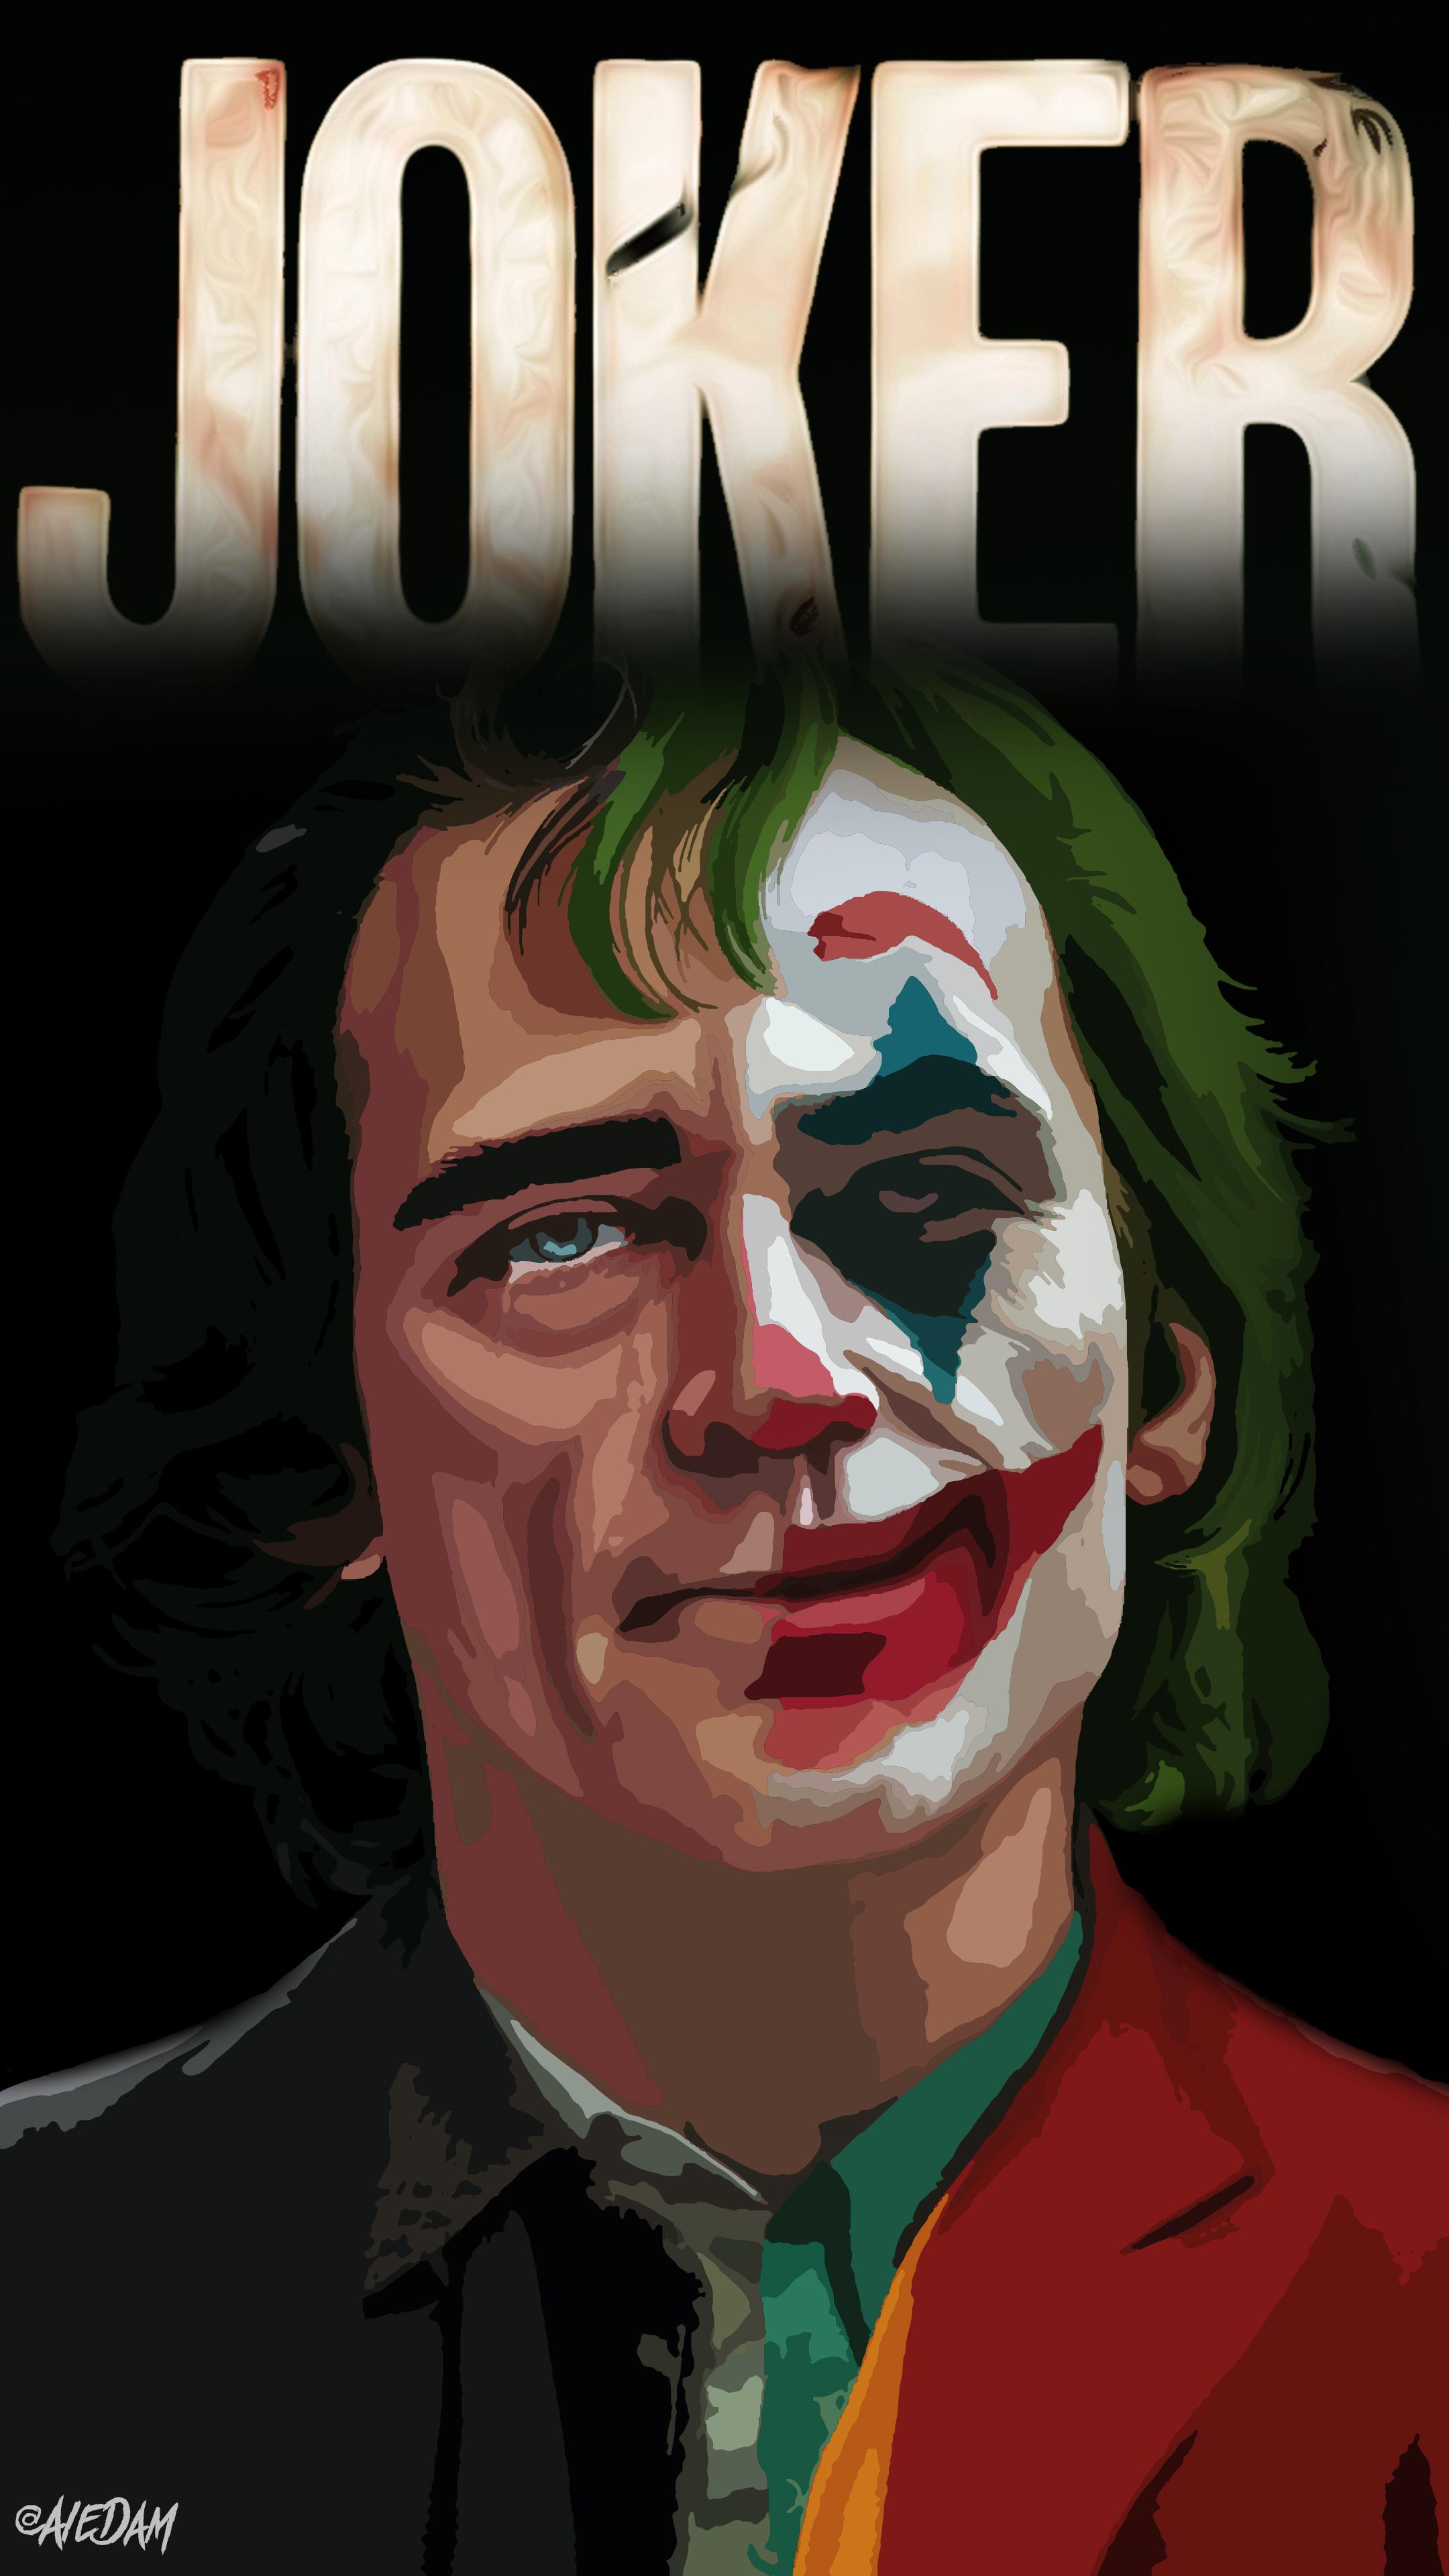 Joker 2019 Movie Joker Joaquin Phoenix DC Universe vector 1852841